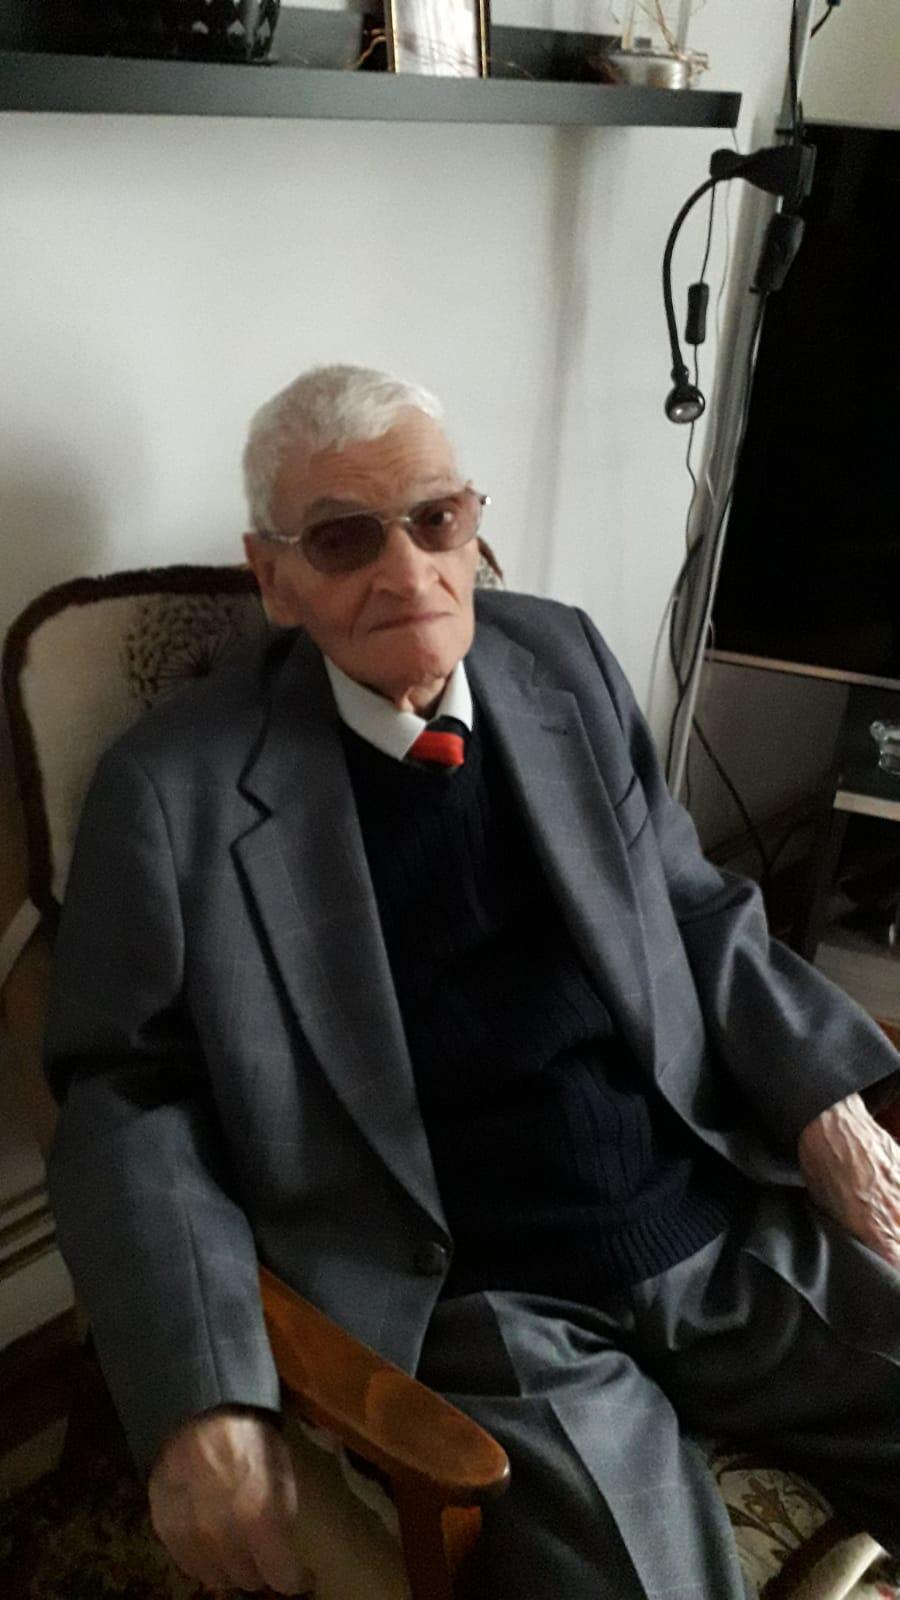 Leonard Zaicescu, survivant du pogrom de Iași, en Roumanie, dans son appartement de Bucarest.